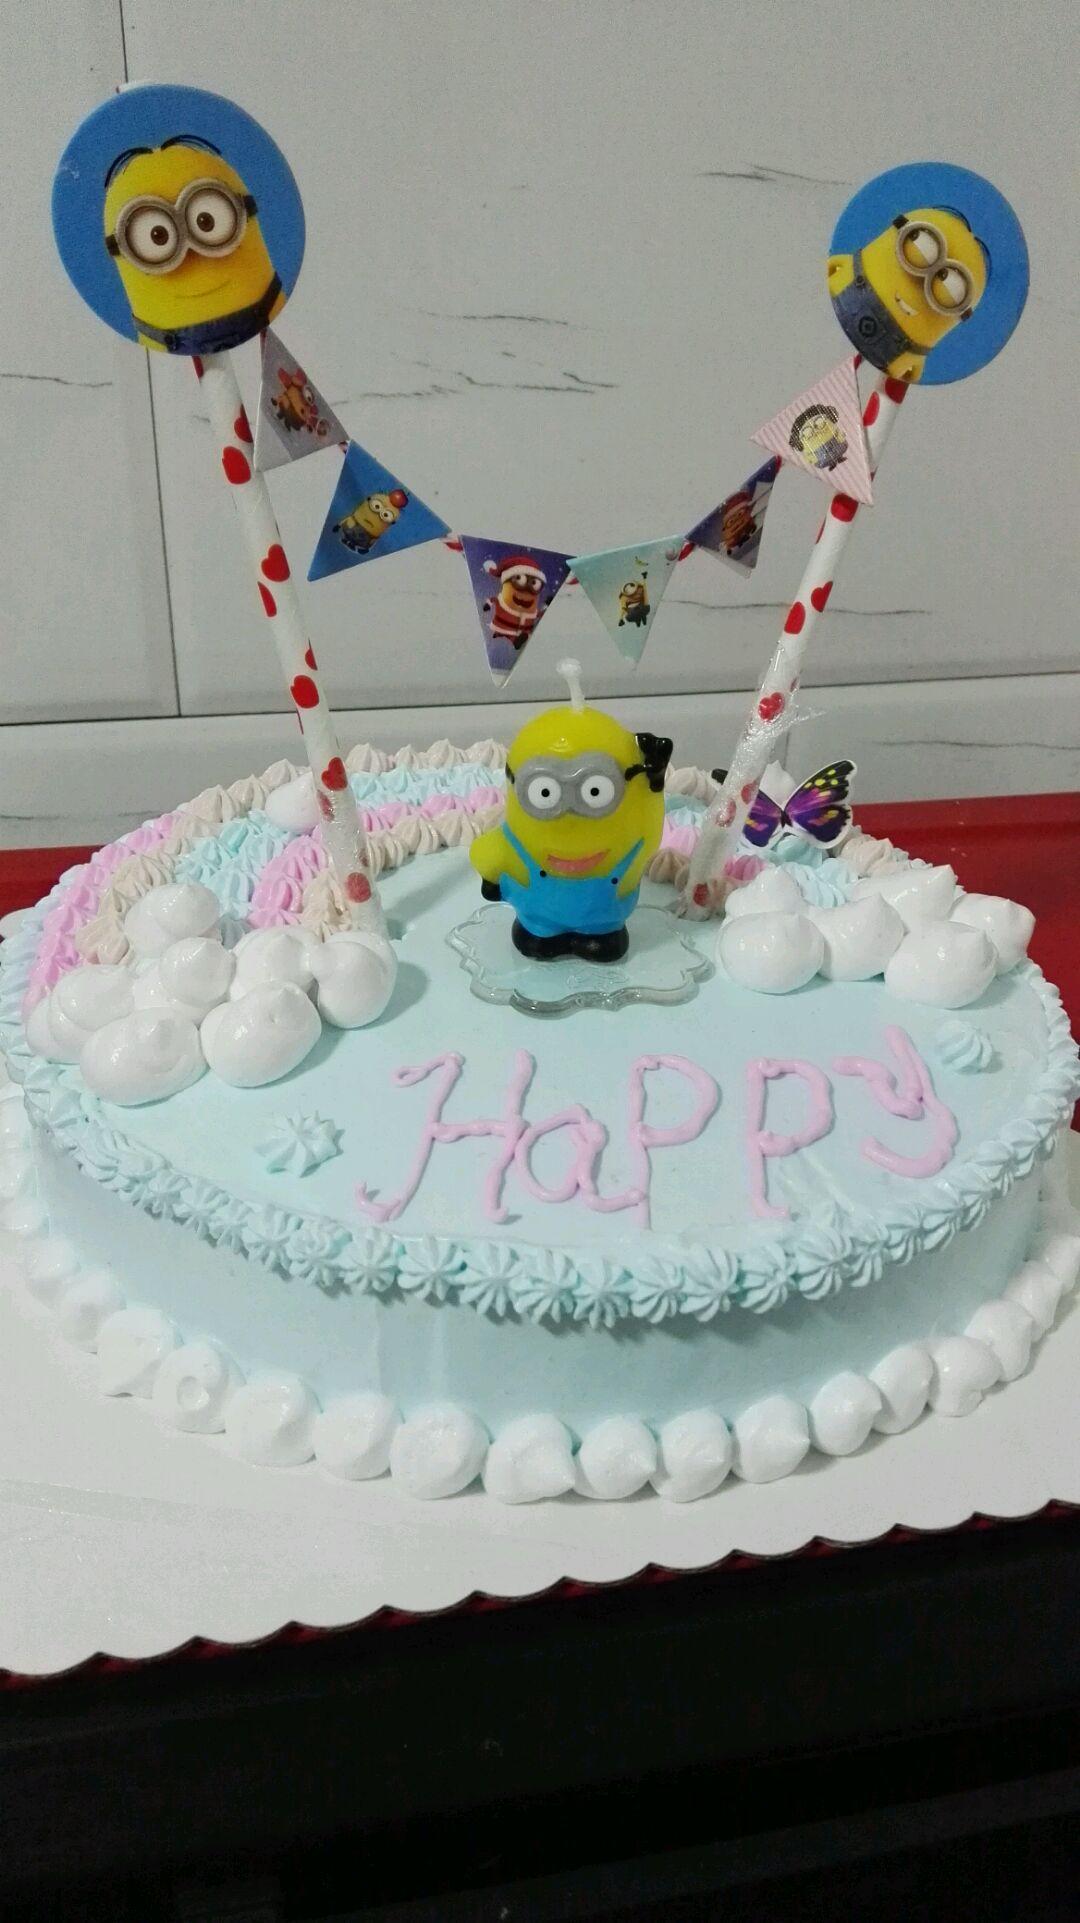 小黄人彩虹生日蛋糕图片